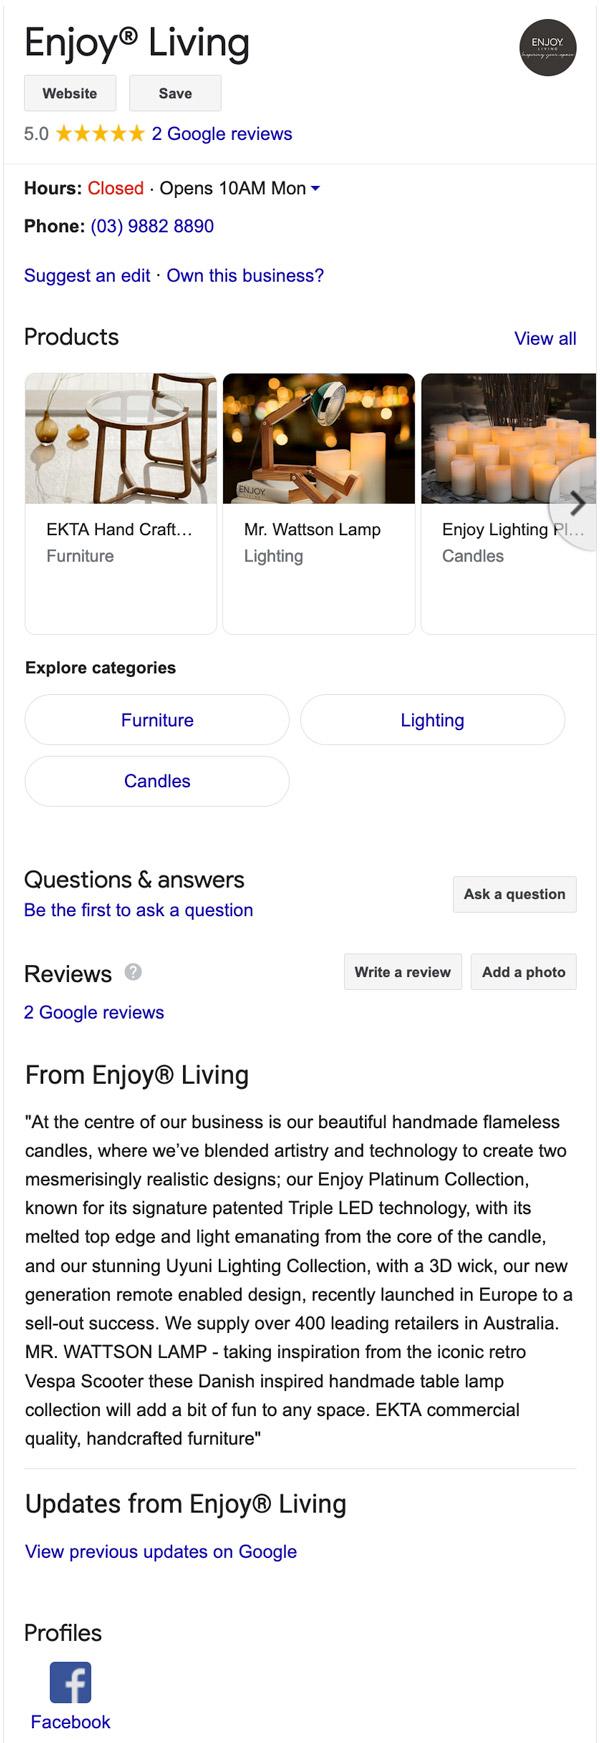 Enjoy Living Google Business Listing Management